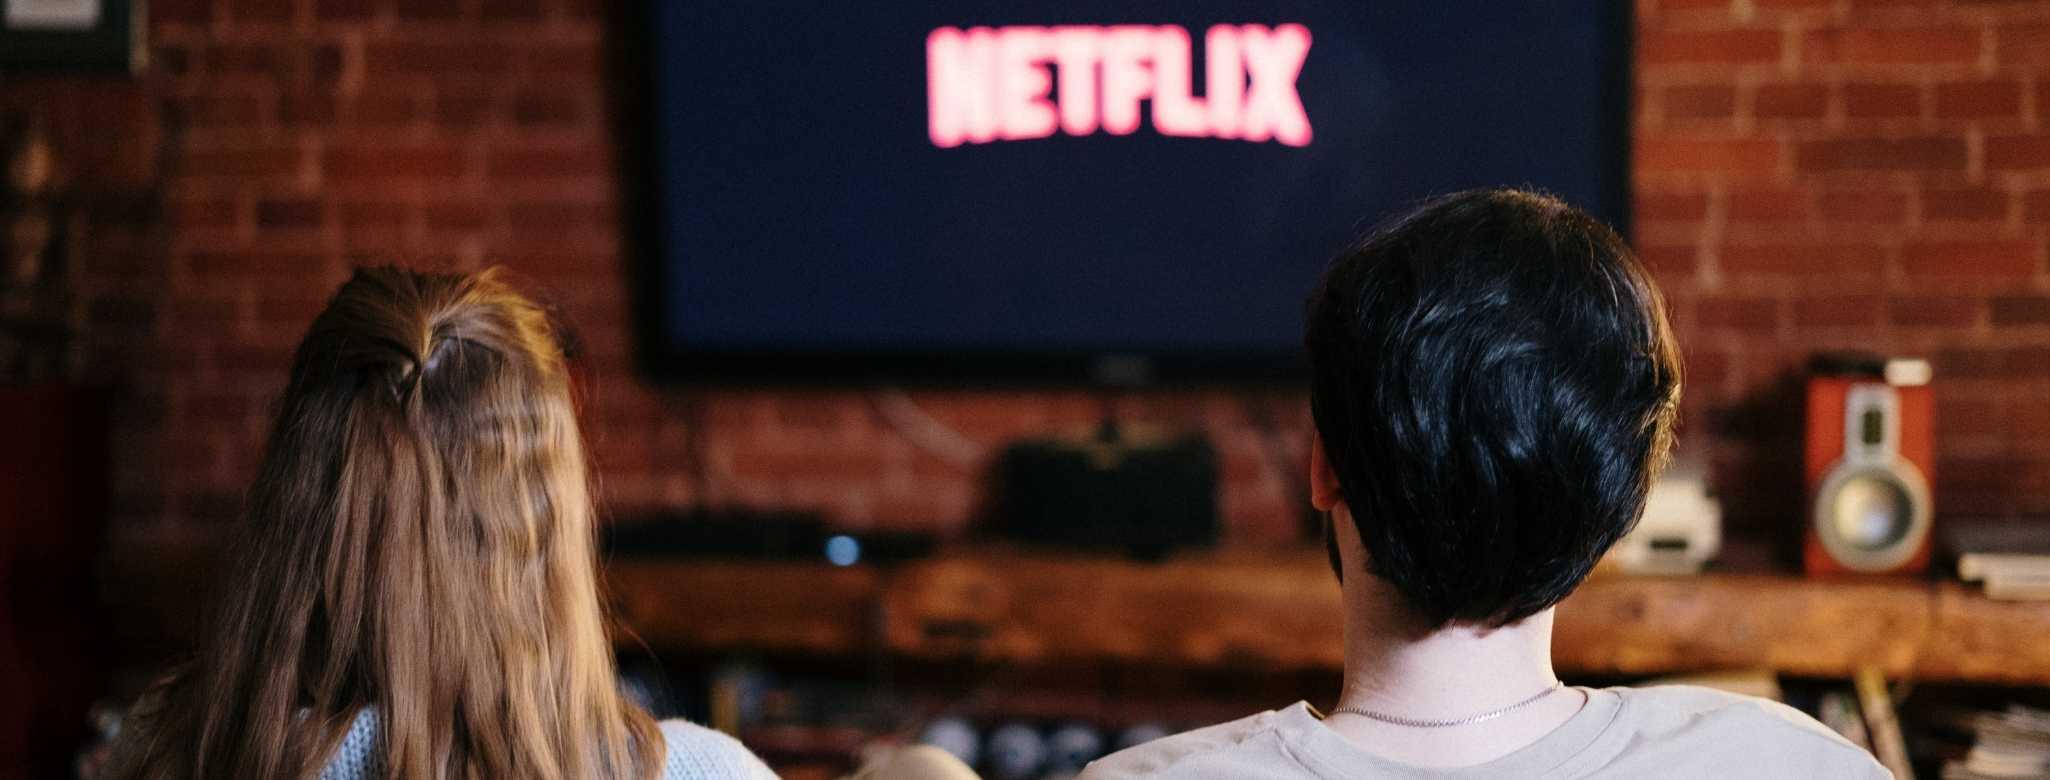 Auf der Couch Netflix schauen